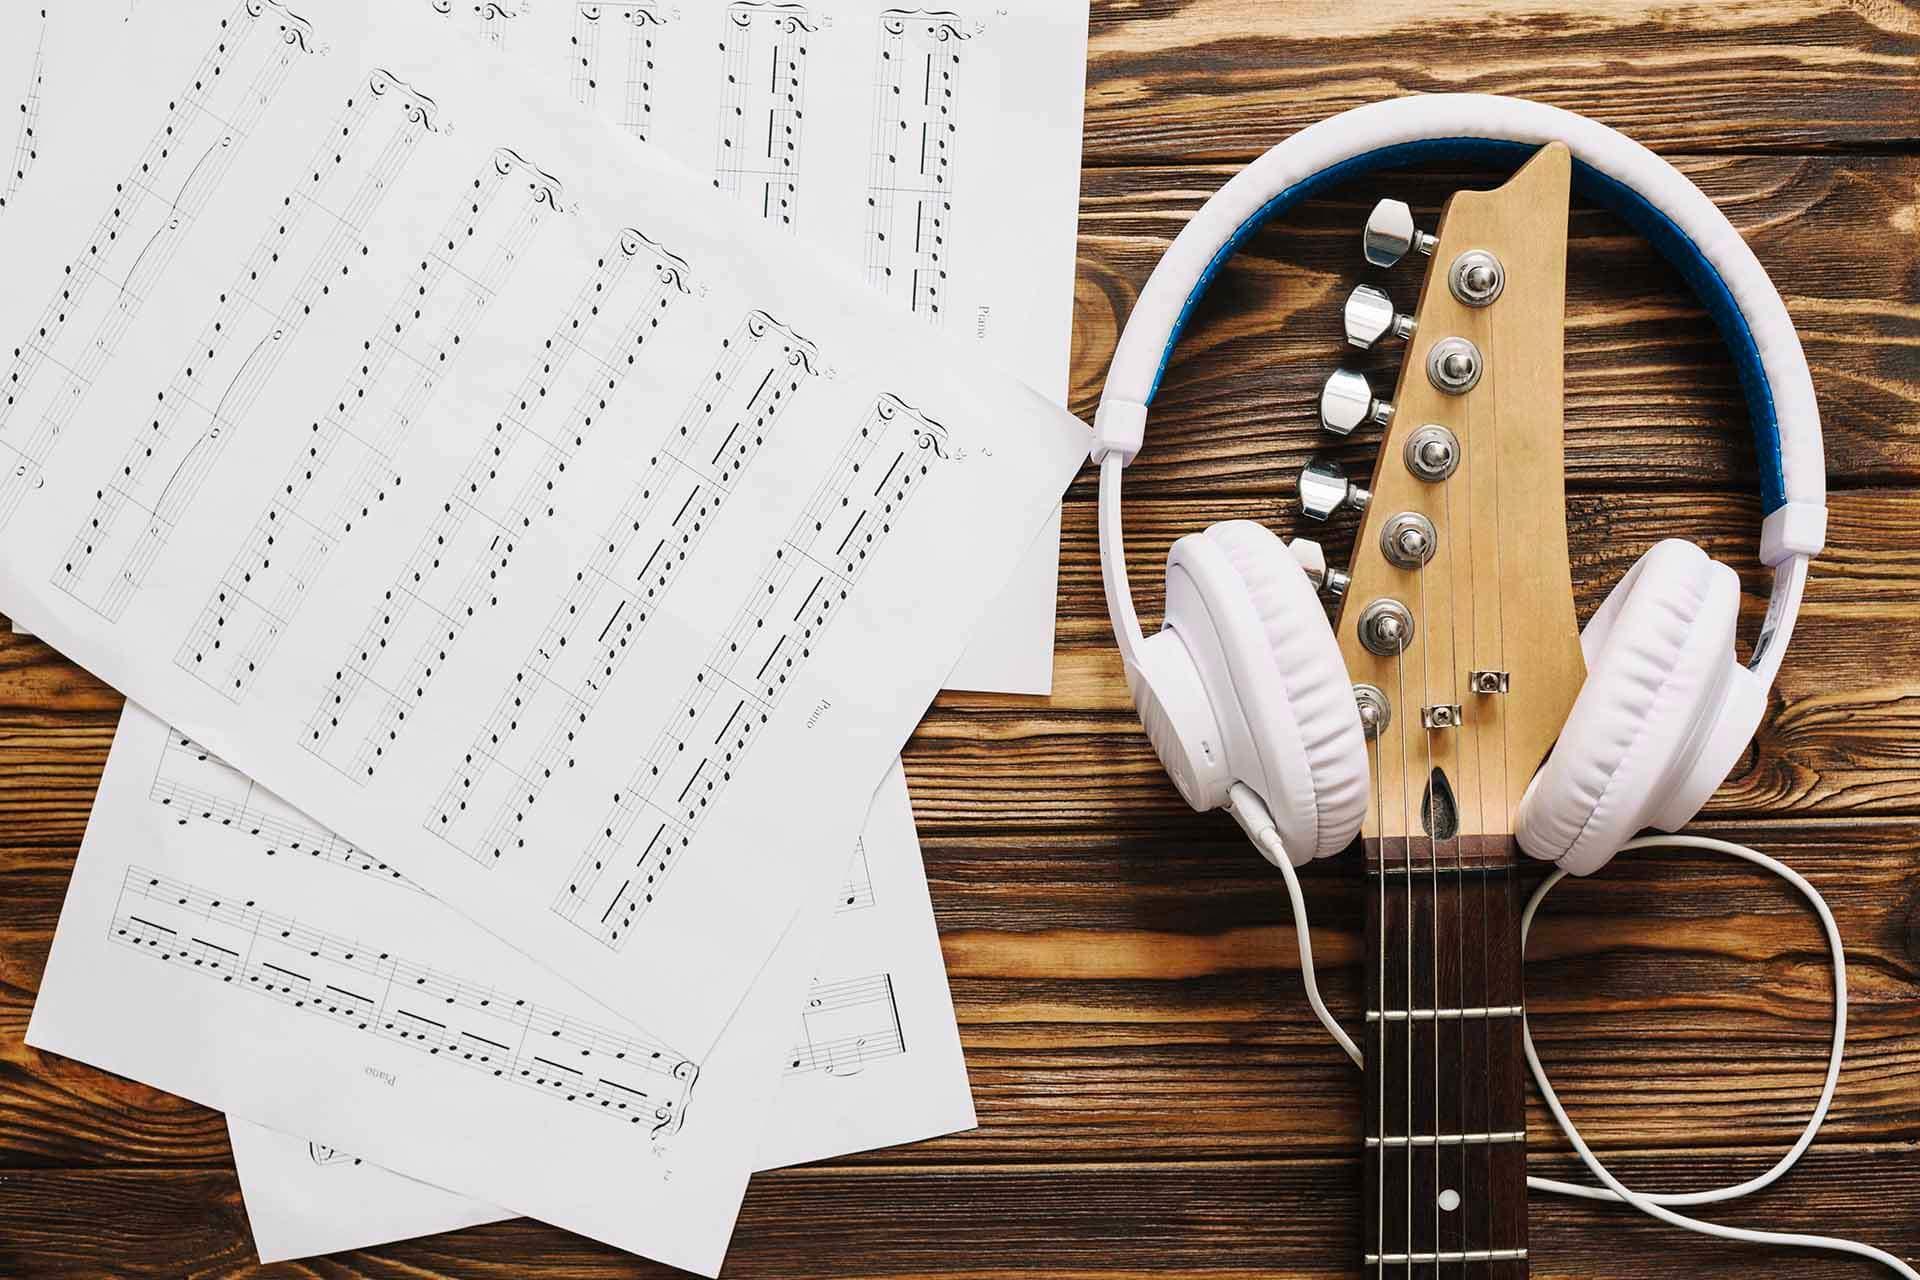 How to Read Ukulele Sheet Music